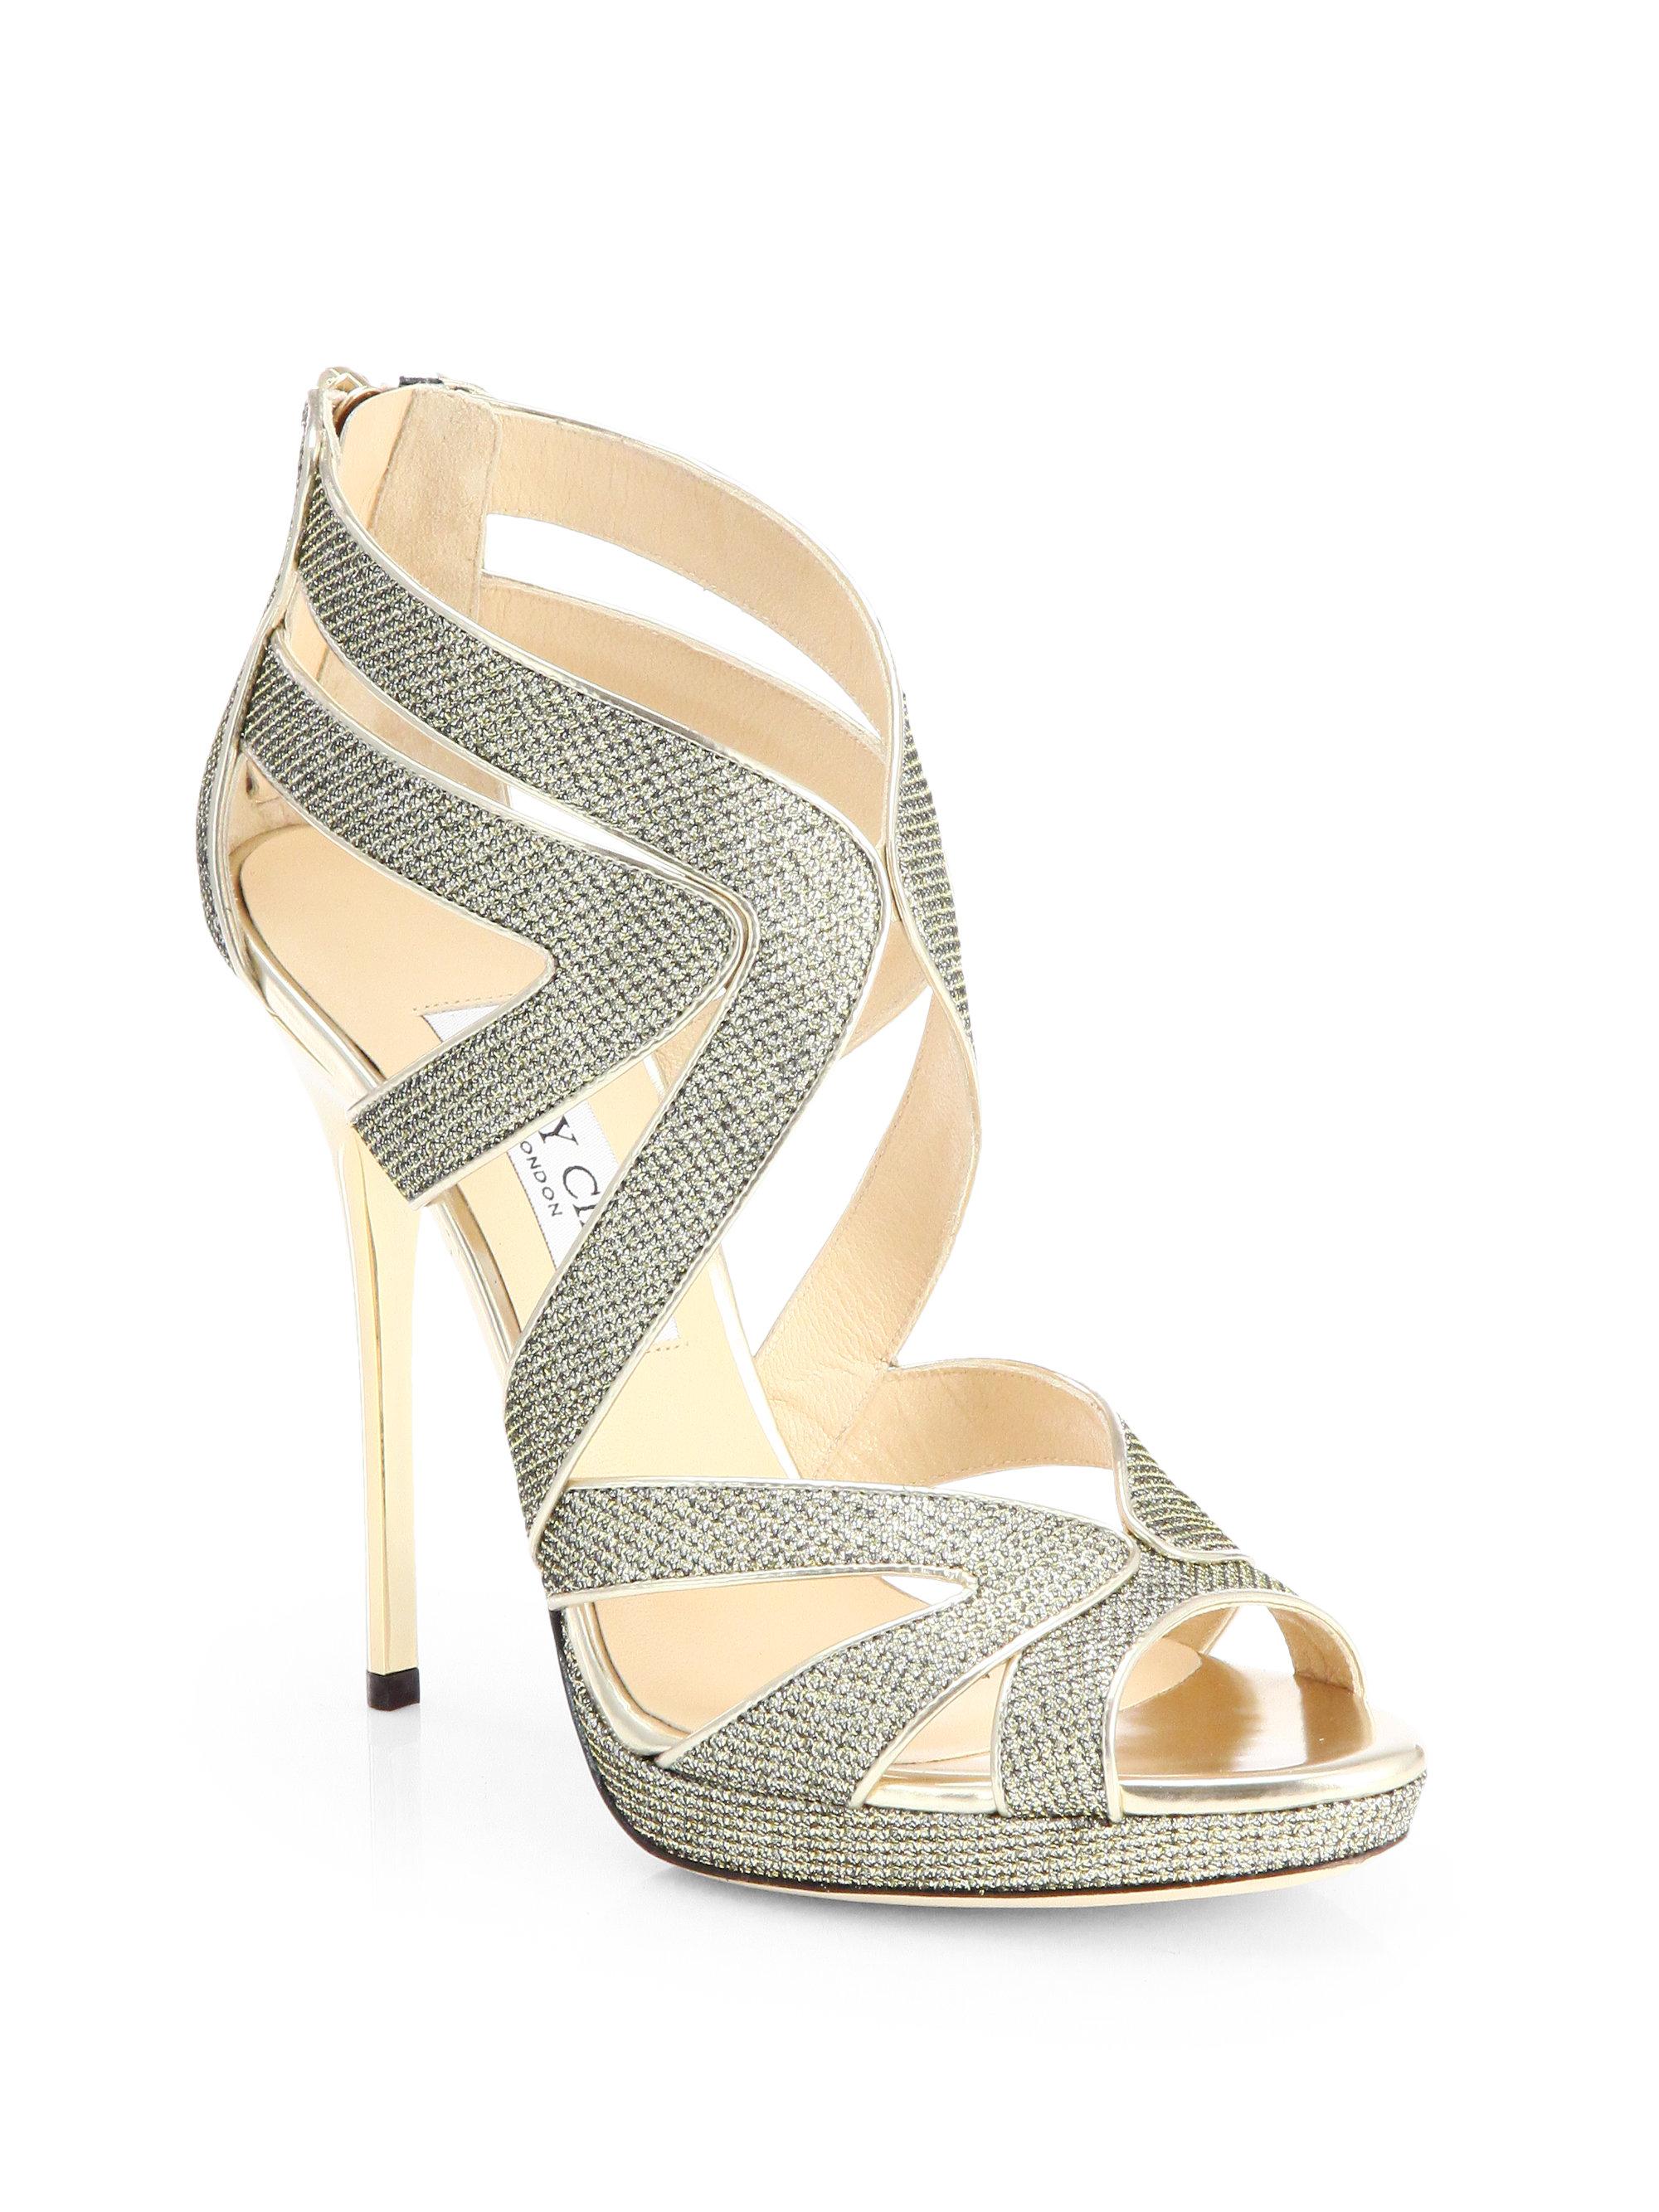 fb06e4d08f6 Lyst - Jimmy Choo Collar Glitter Lame Platform Sandals in Metallic